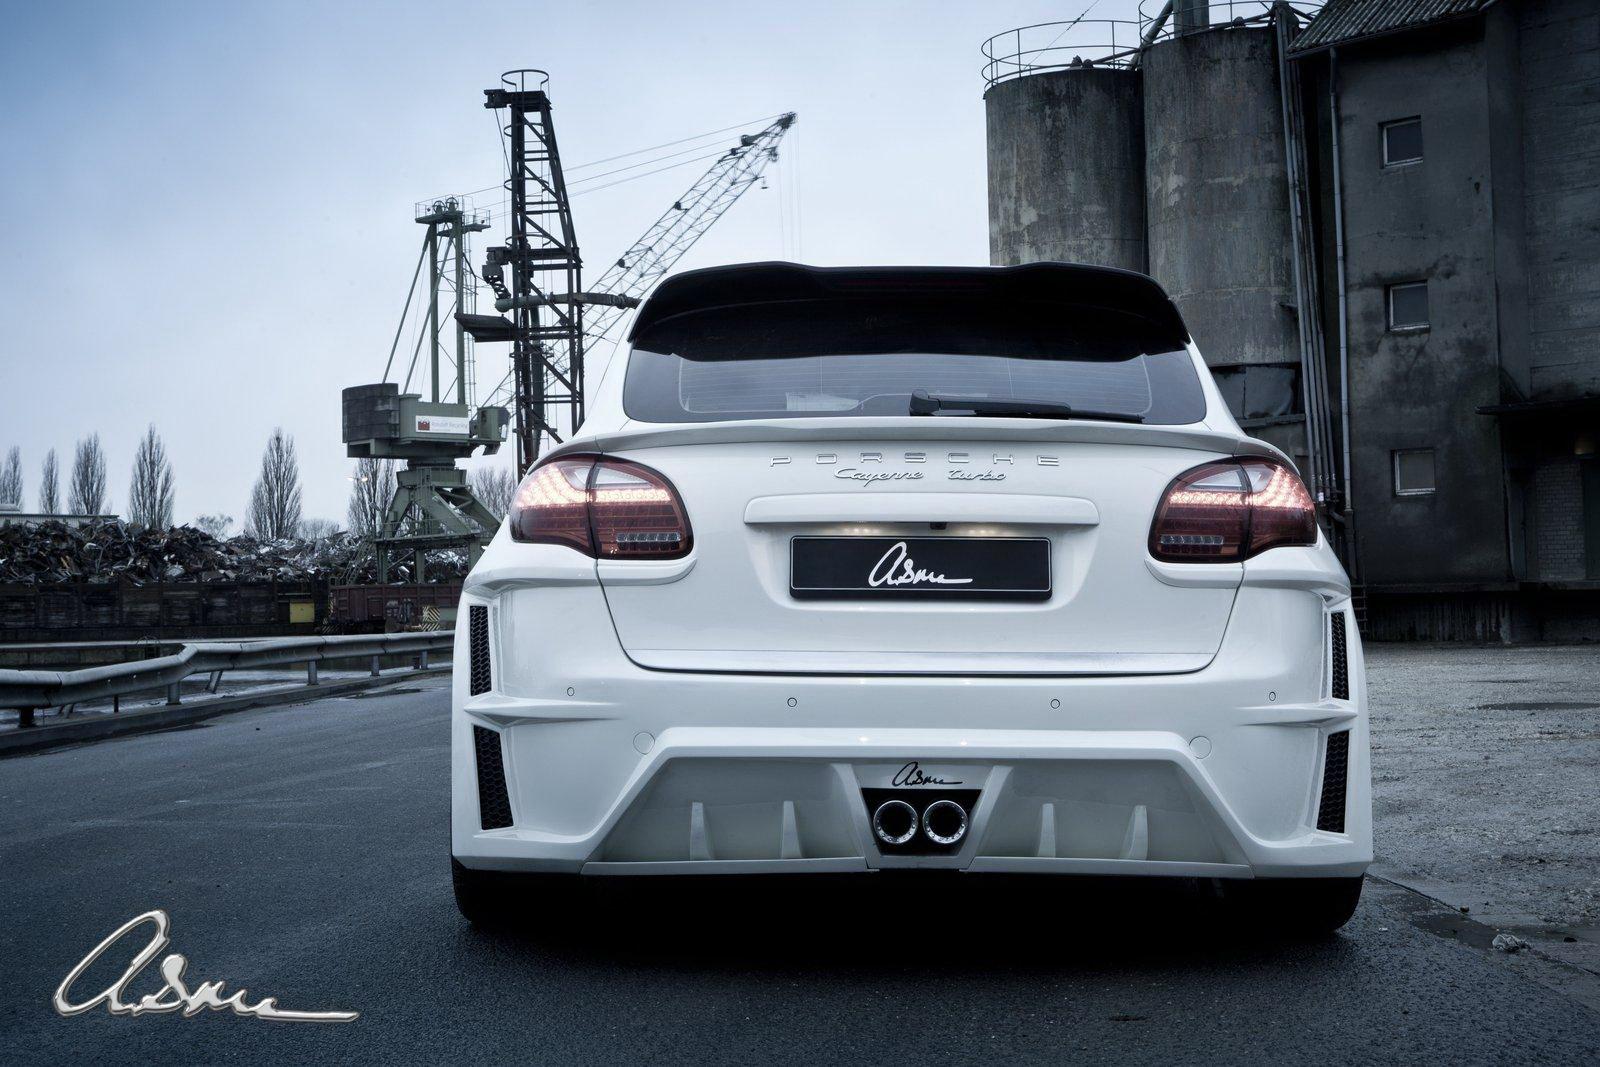 Porsche Cayenne Turbo s vylaďenou vizáží od ASMA Design 2